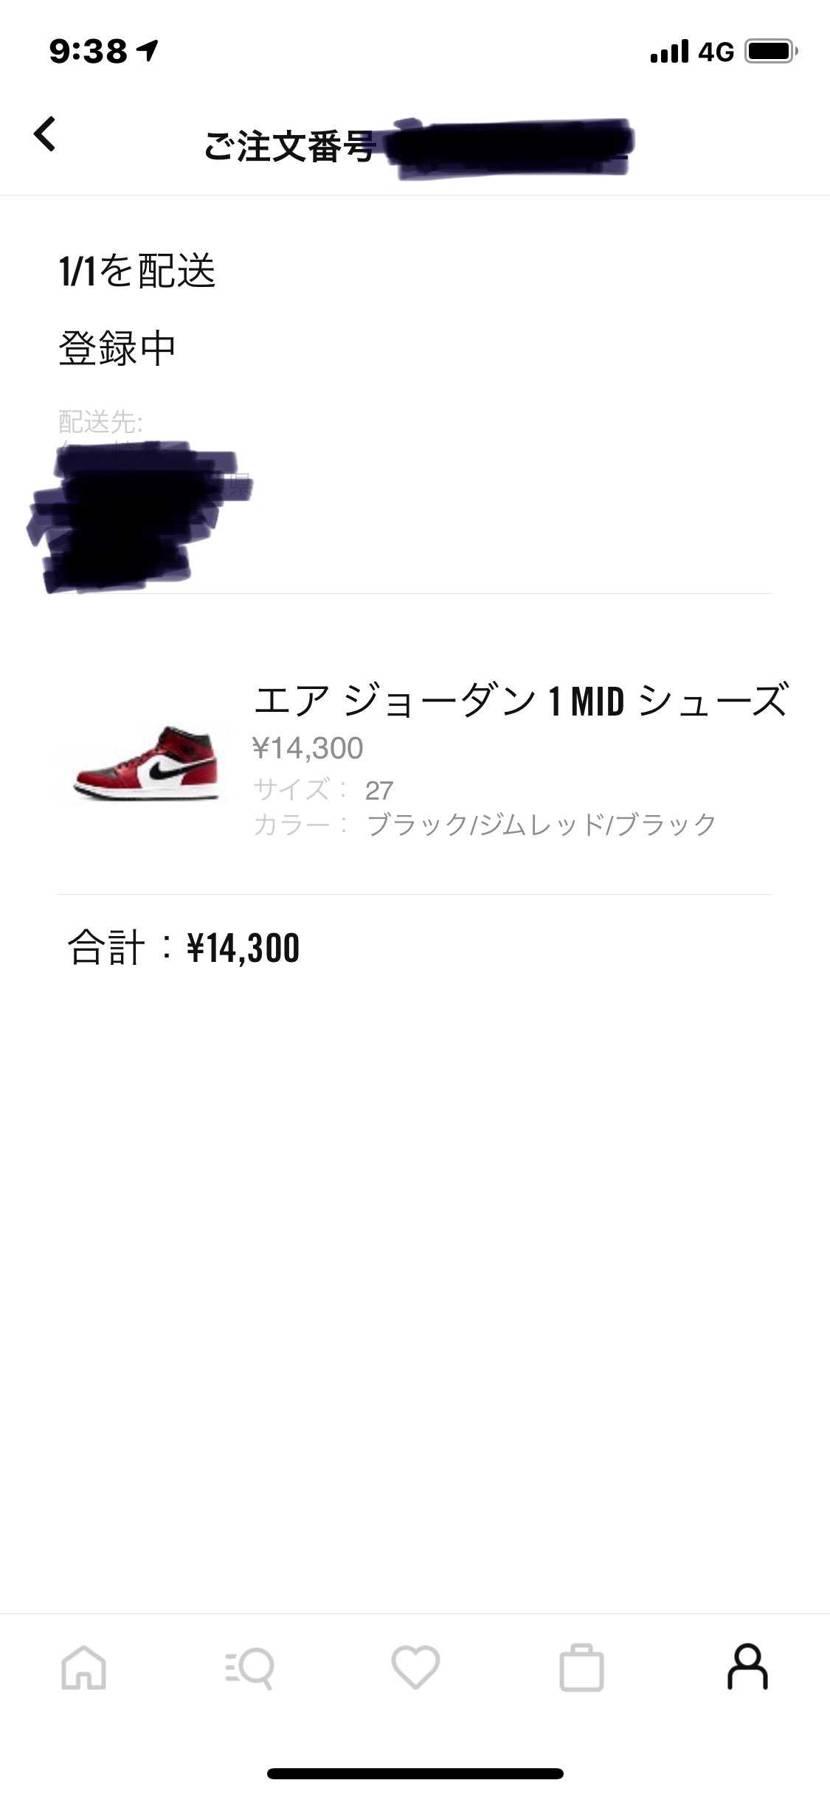 Nike.comって 抽選じゃなかったっけ? これ 買えてるよね😅